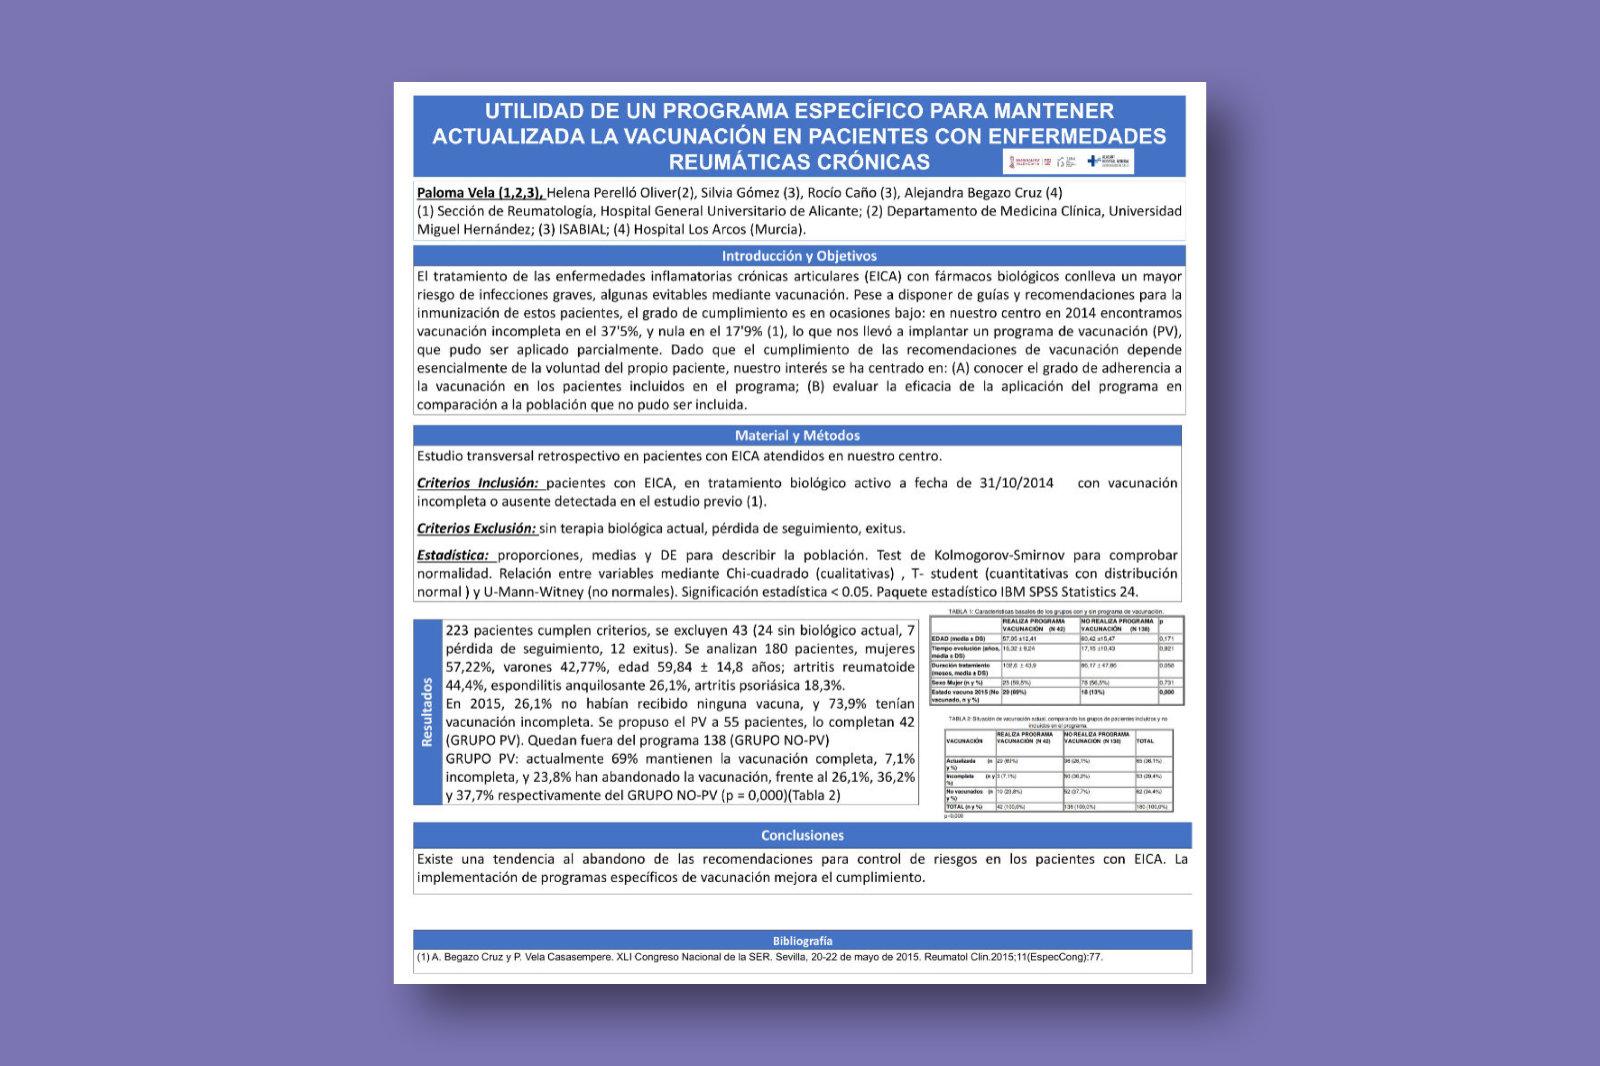 Utilidad de un programa específico para mantener actualizada la vacunación en pacientes con enfermedades reumáticas crónicas